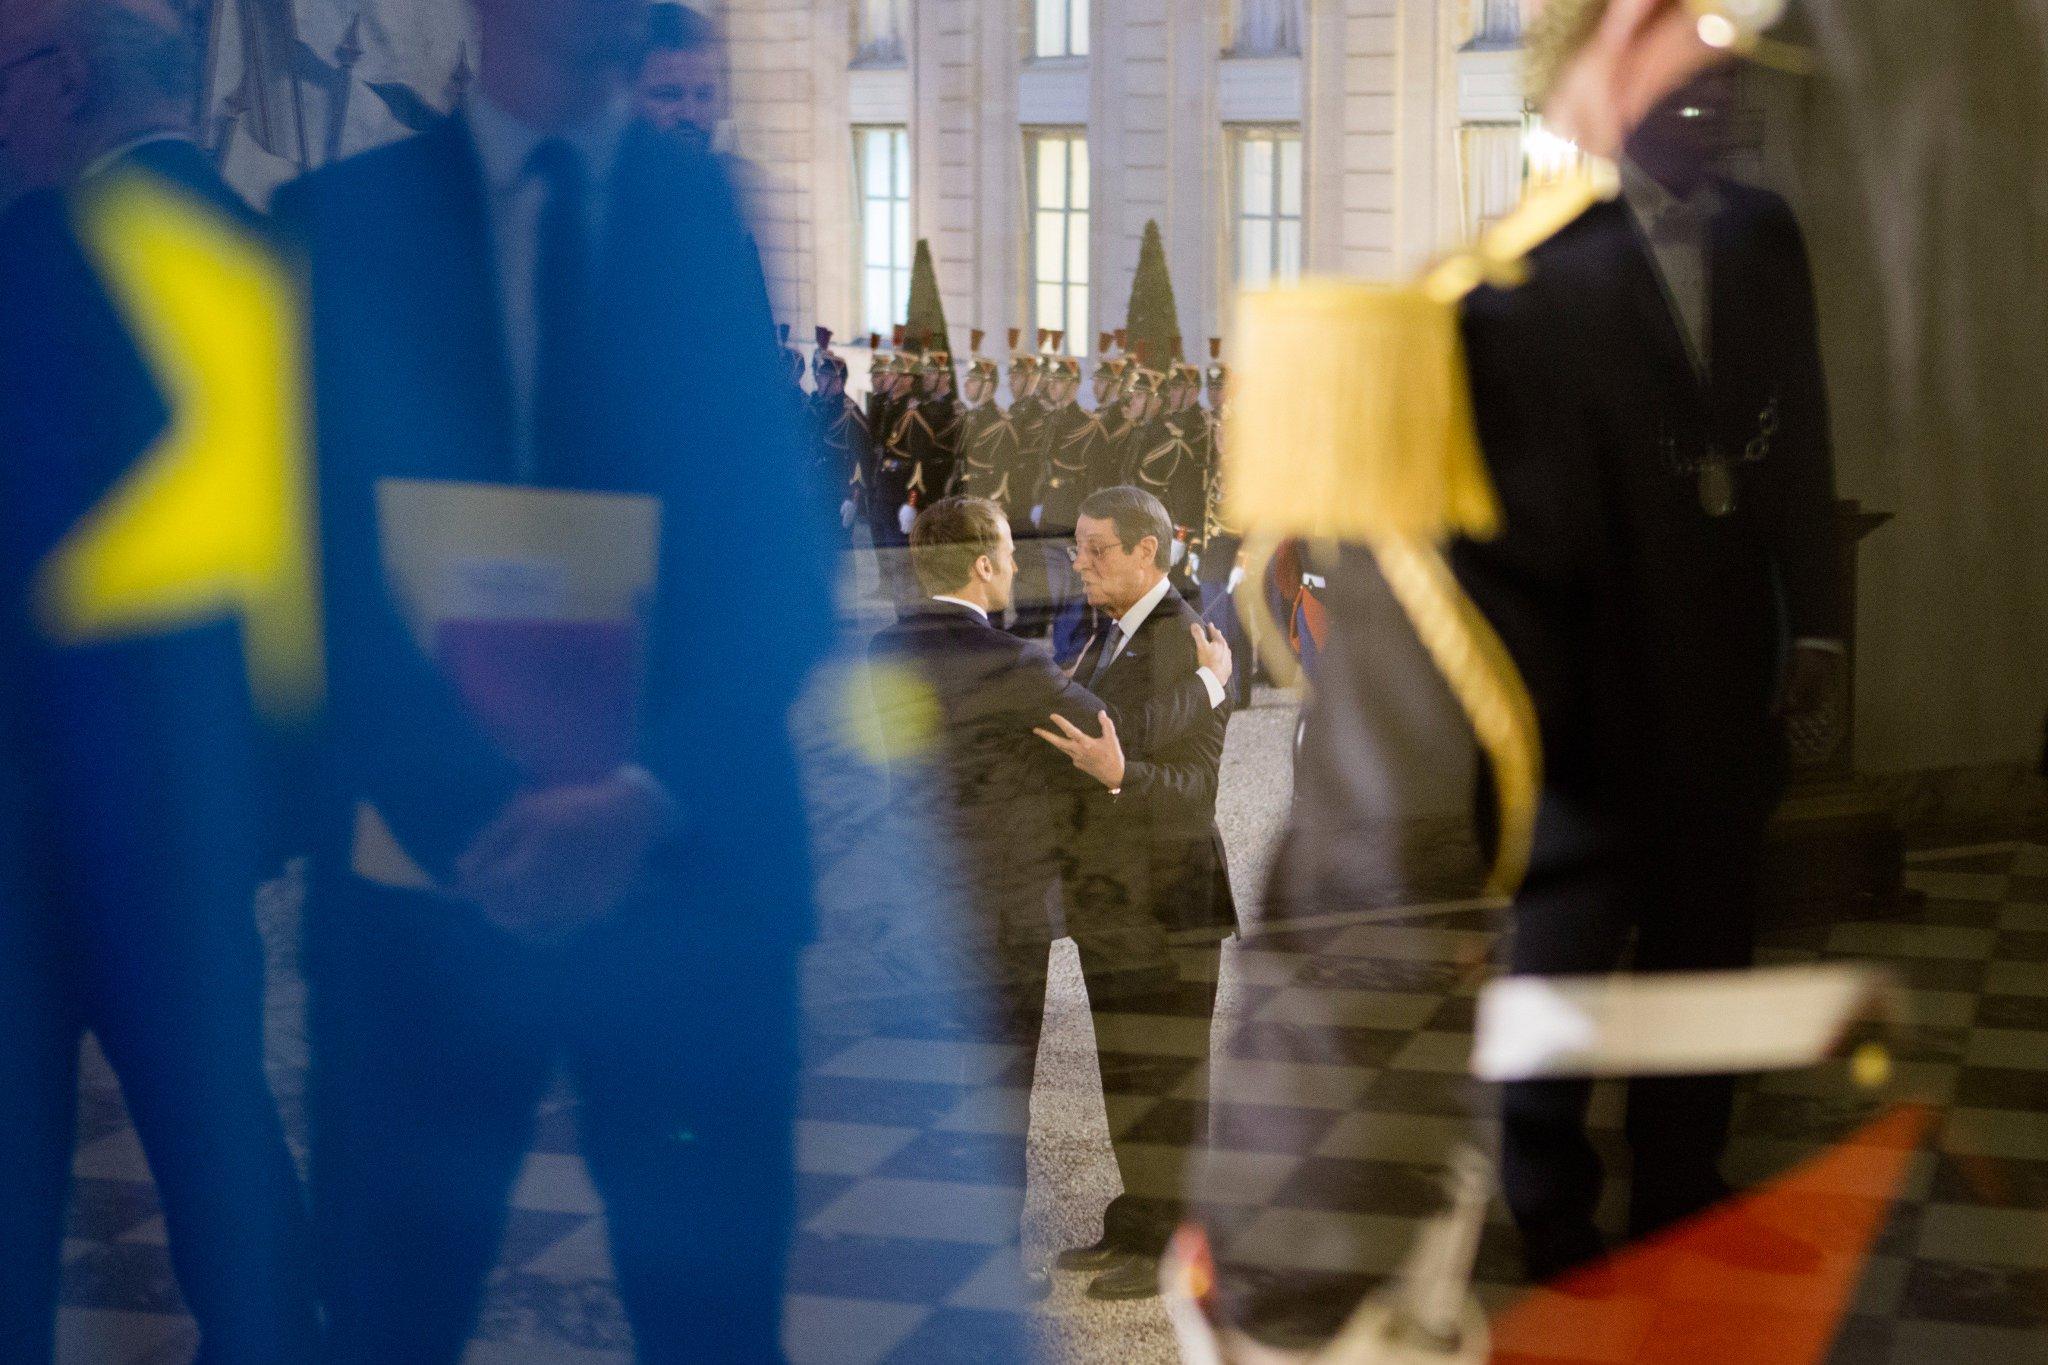 Avec le président Nicos Anastasiades, nous sommes engagés ensemble face aux grands défis de l'Europe. https://t.co/ERroezc7Ox